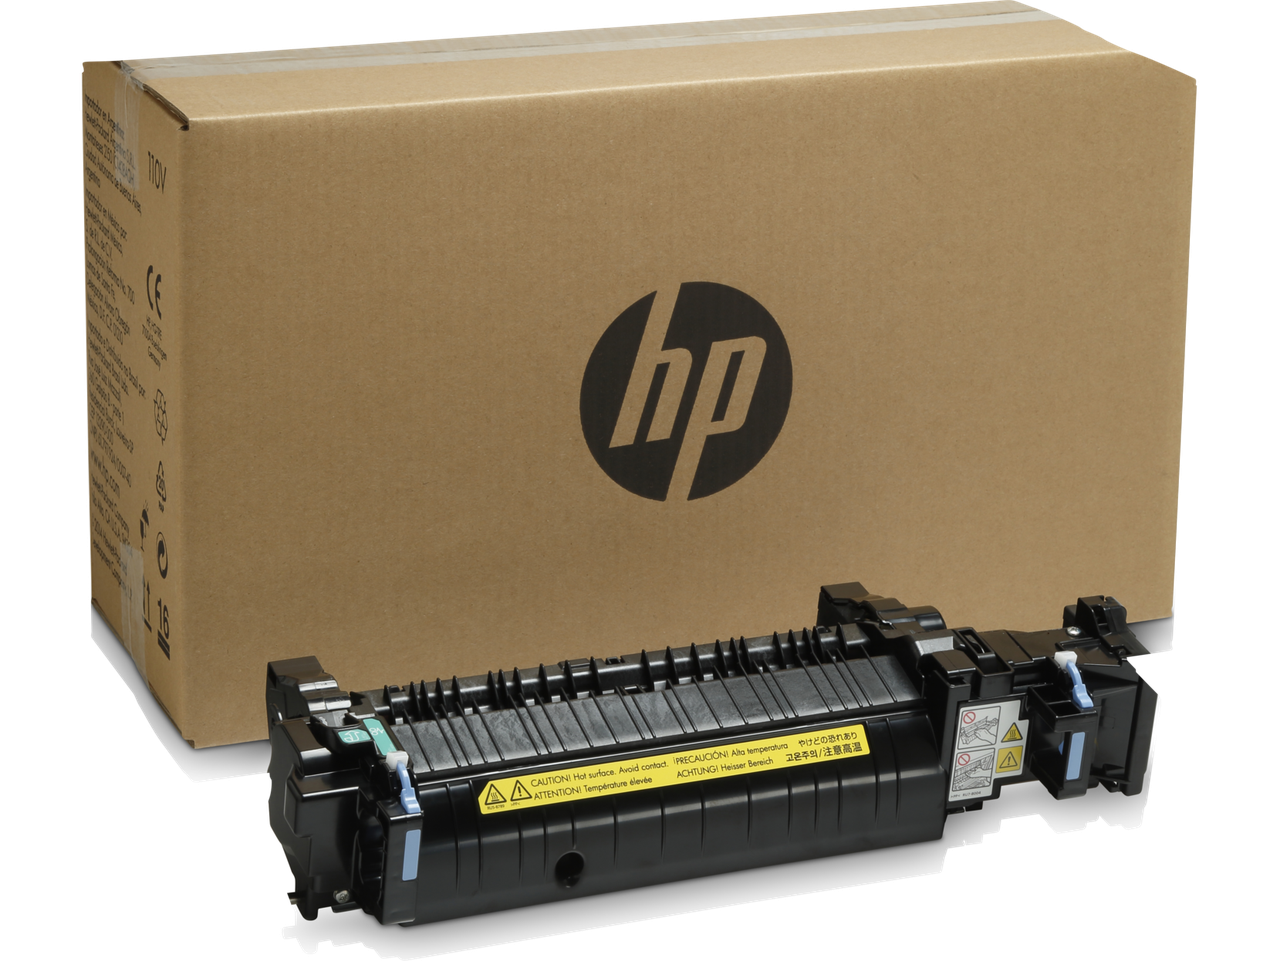 HP B5L36A Комплект модуля термического закрепления (печь) для принтеров Color LaserJet M552/M553, fuser kit